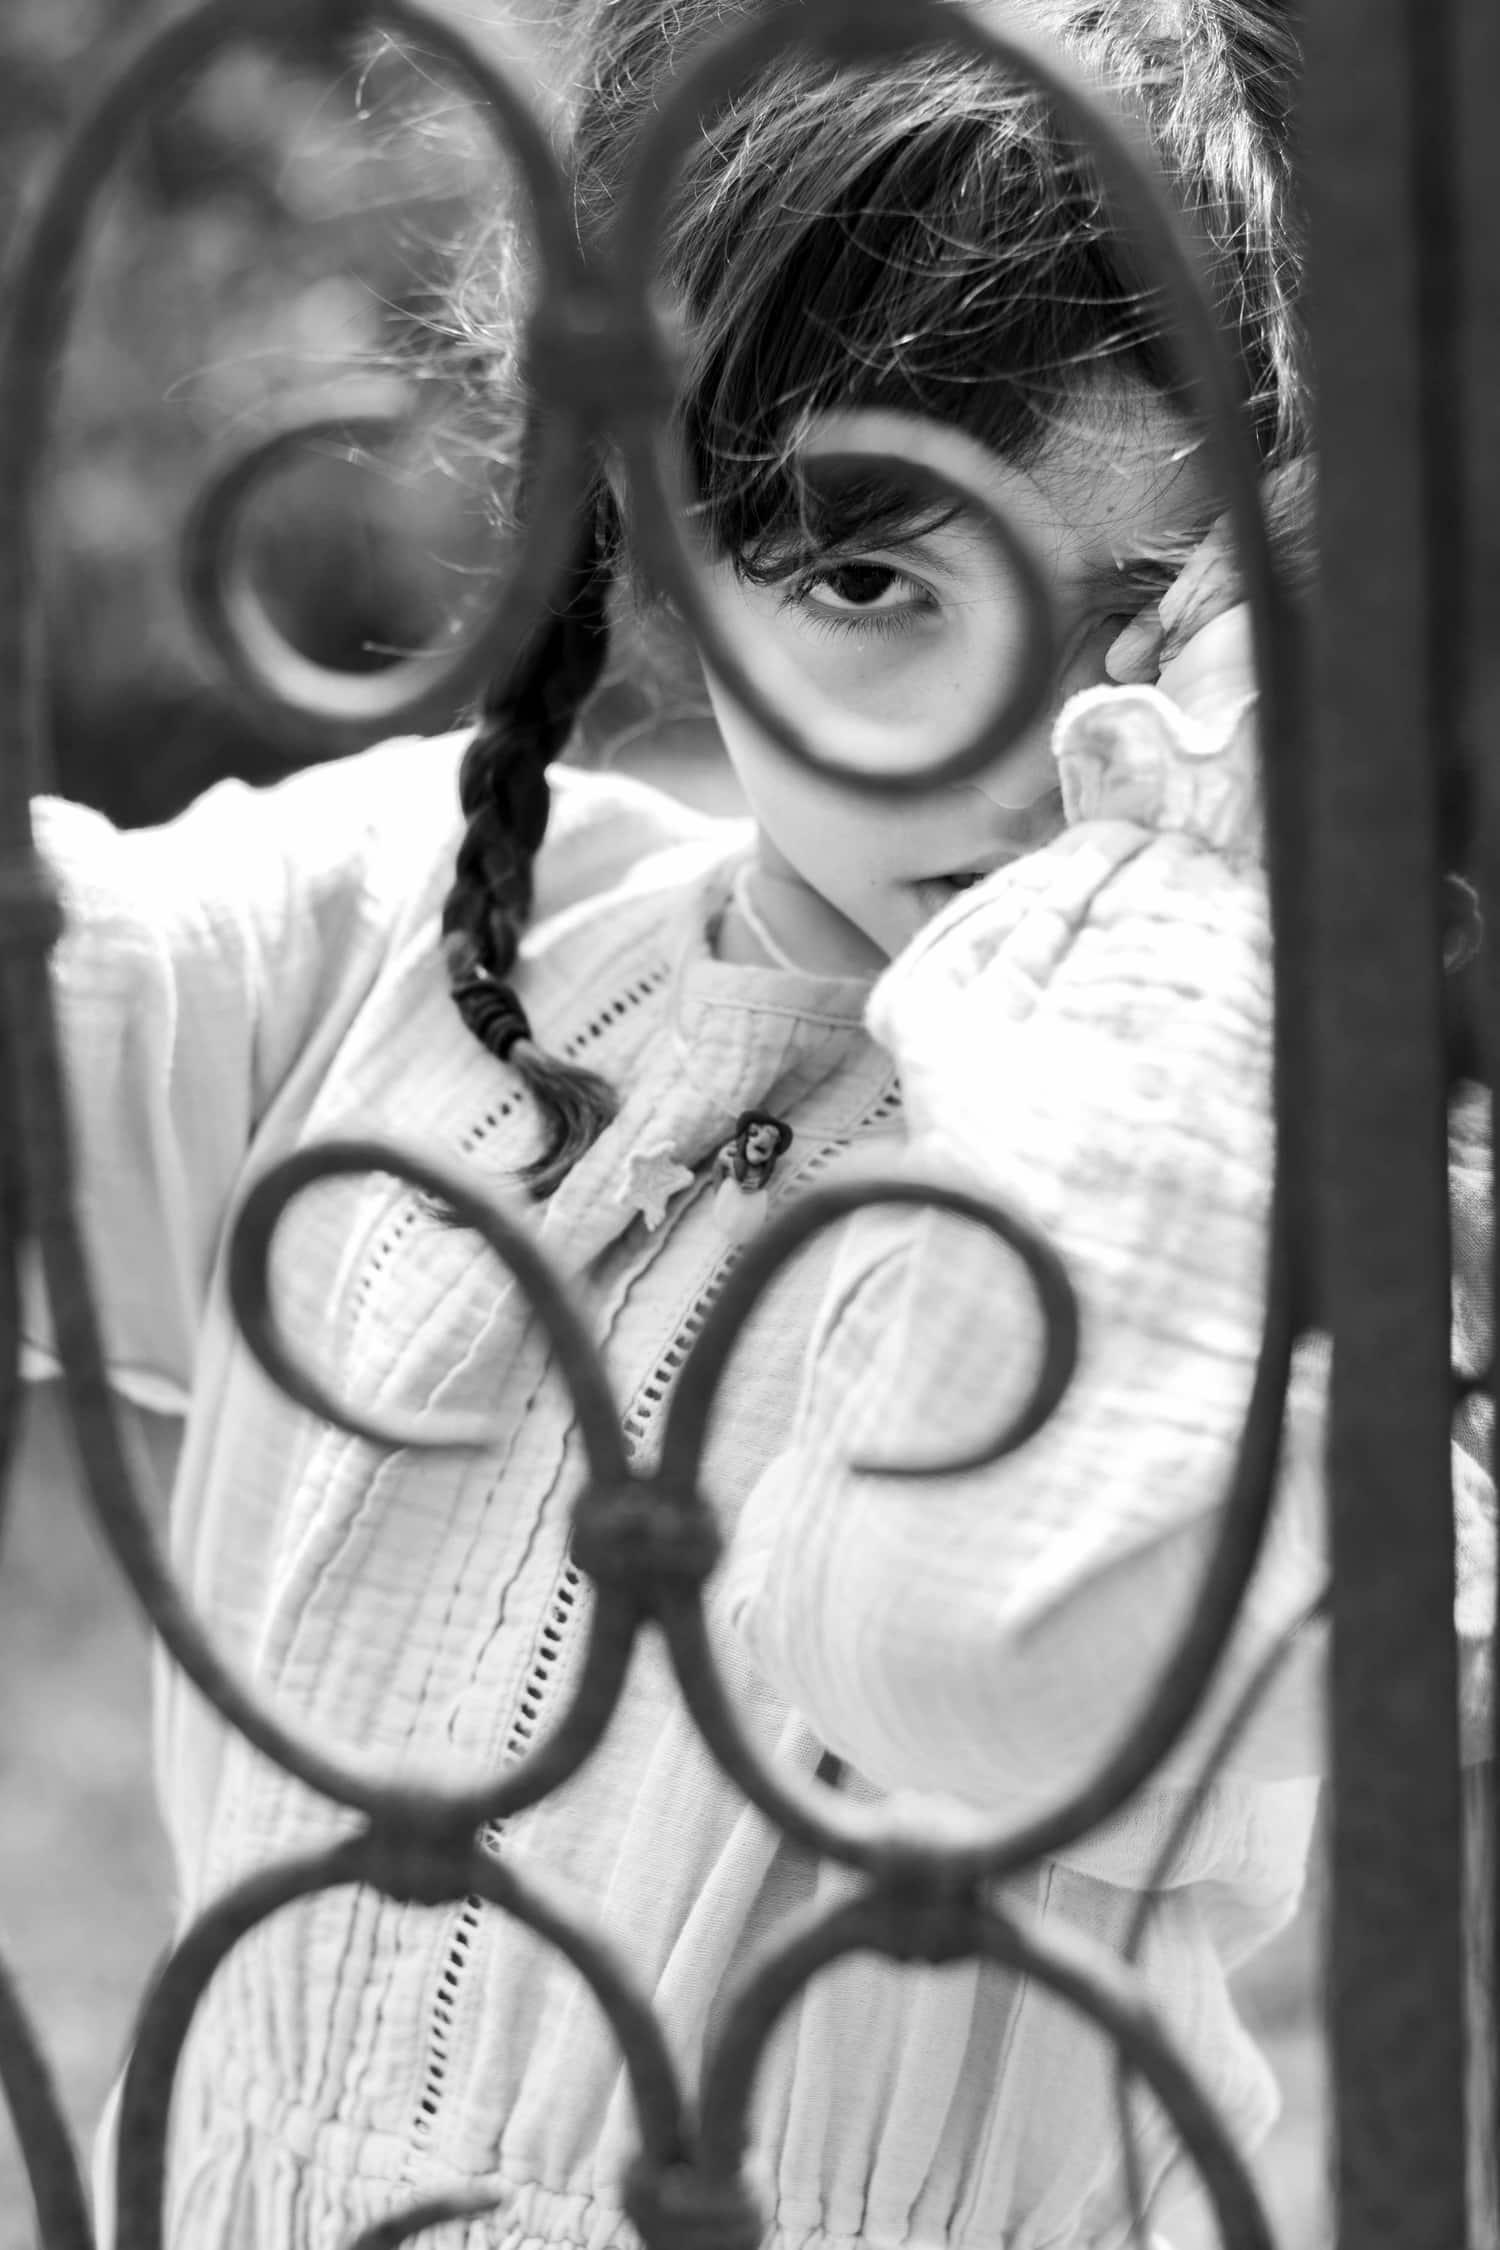 Retrato de niña en blanco y negro detrás de una verja